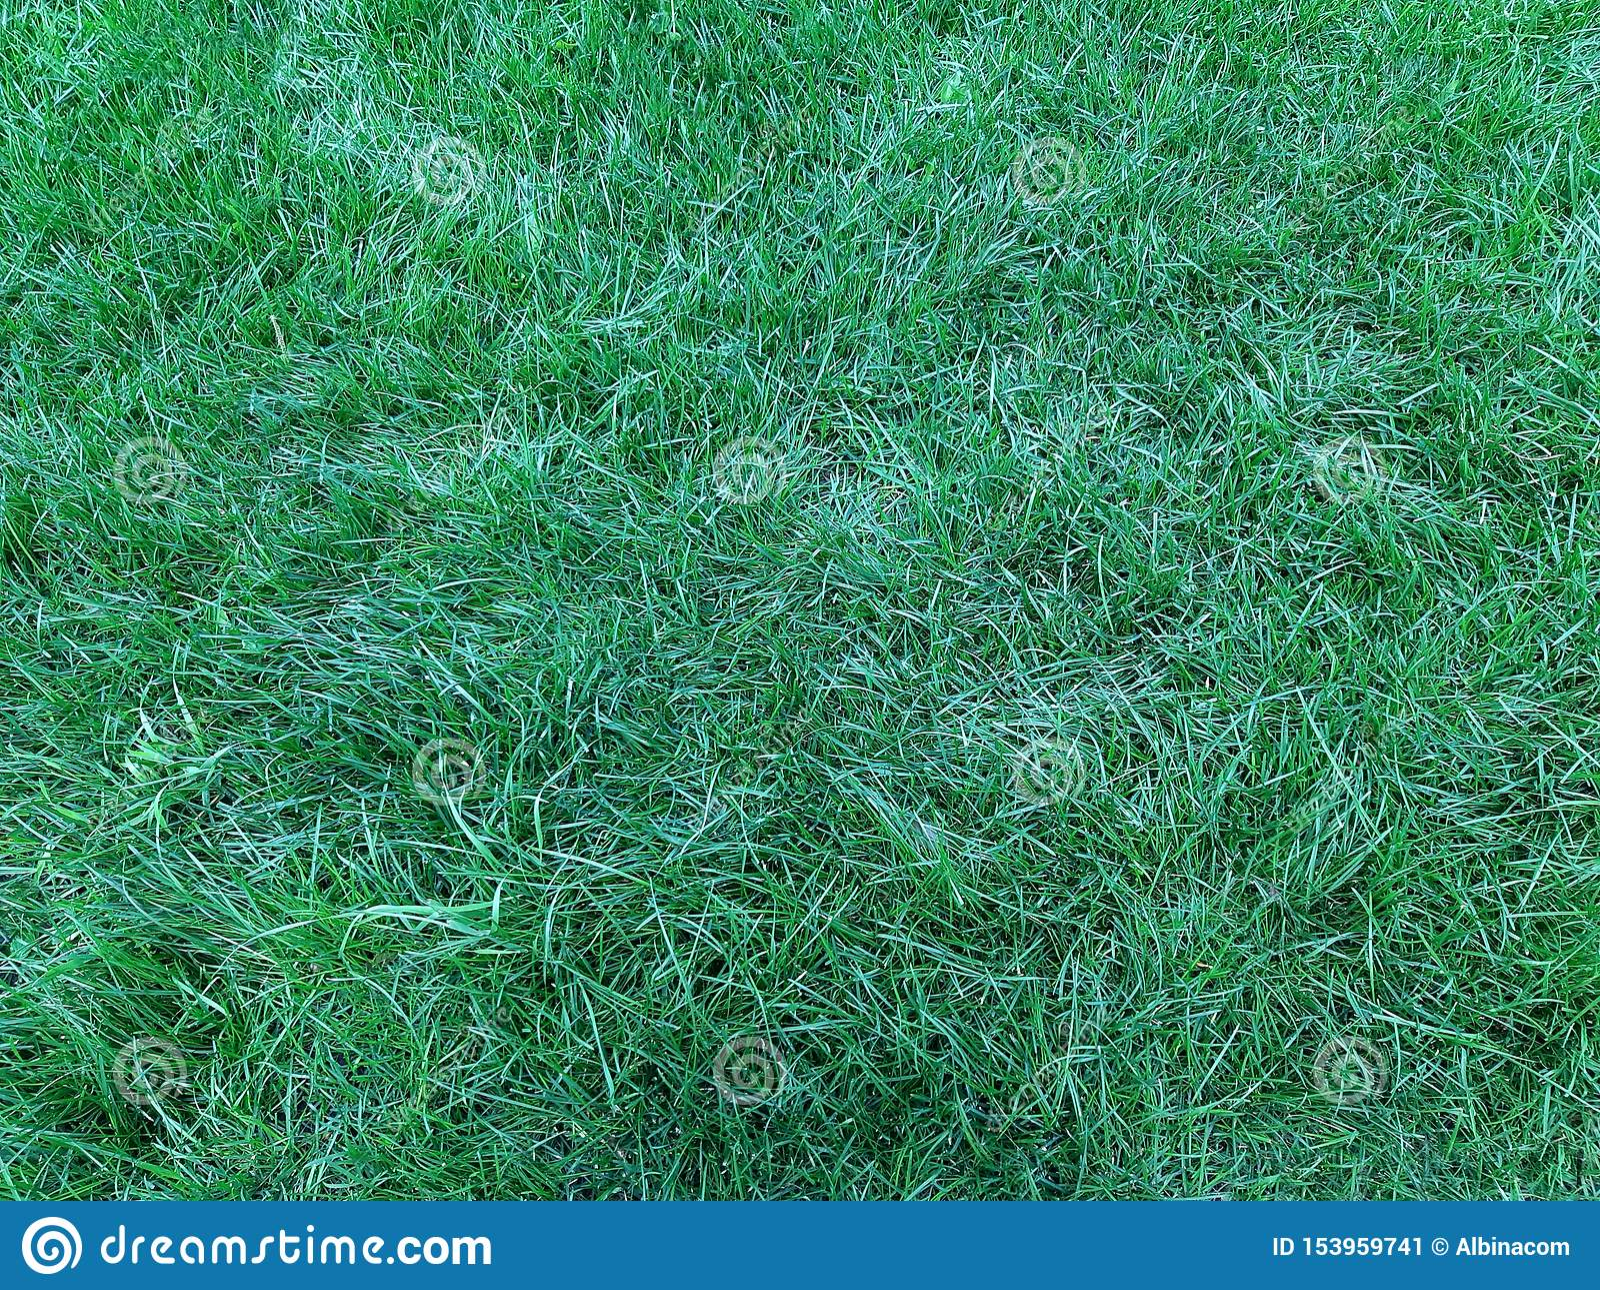 Um gramado verde, fundo natural excelente